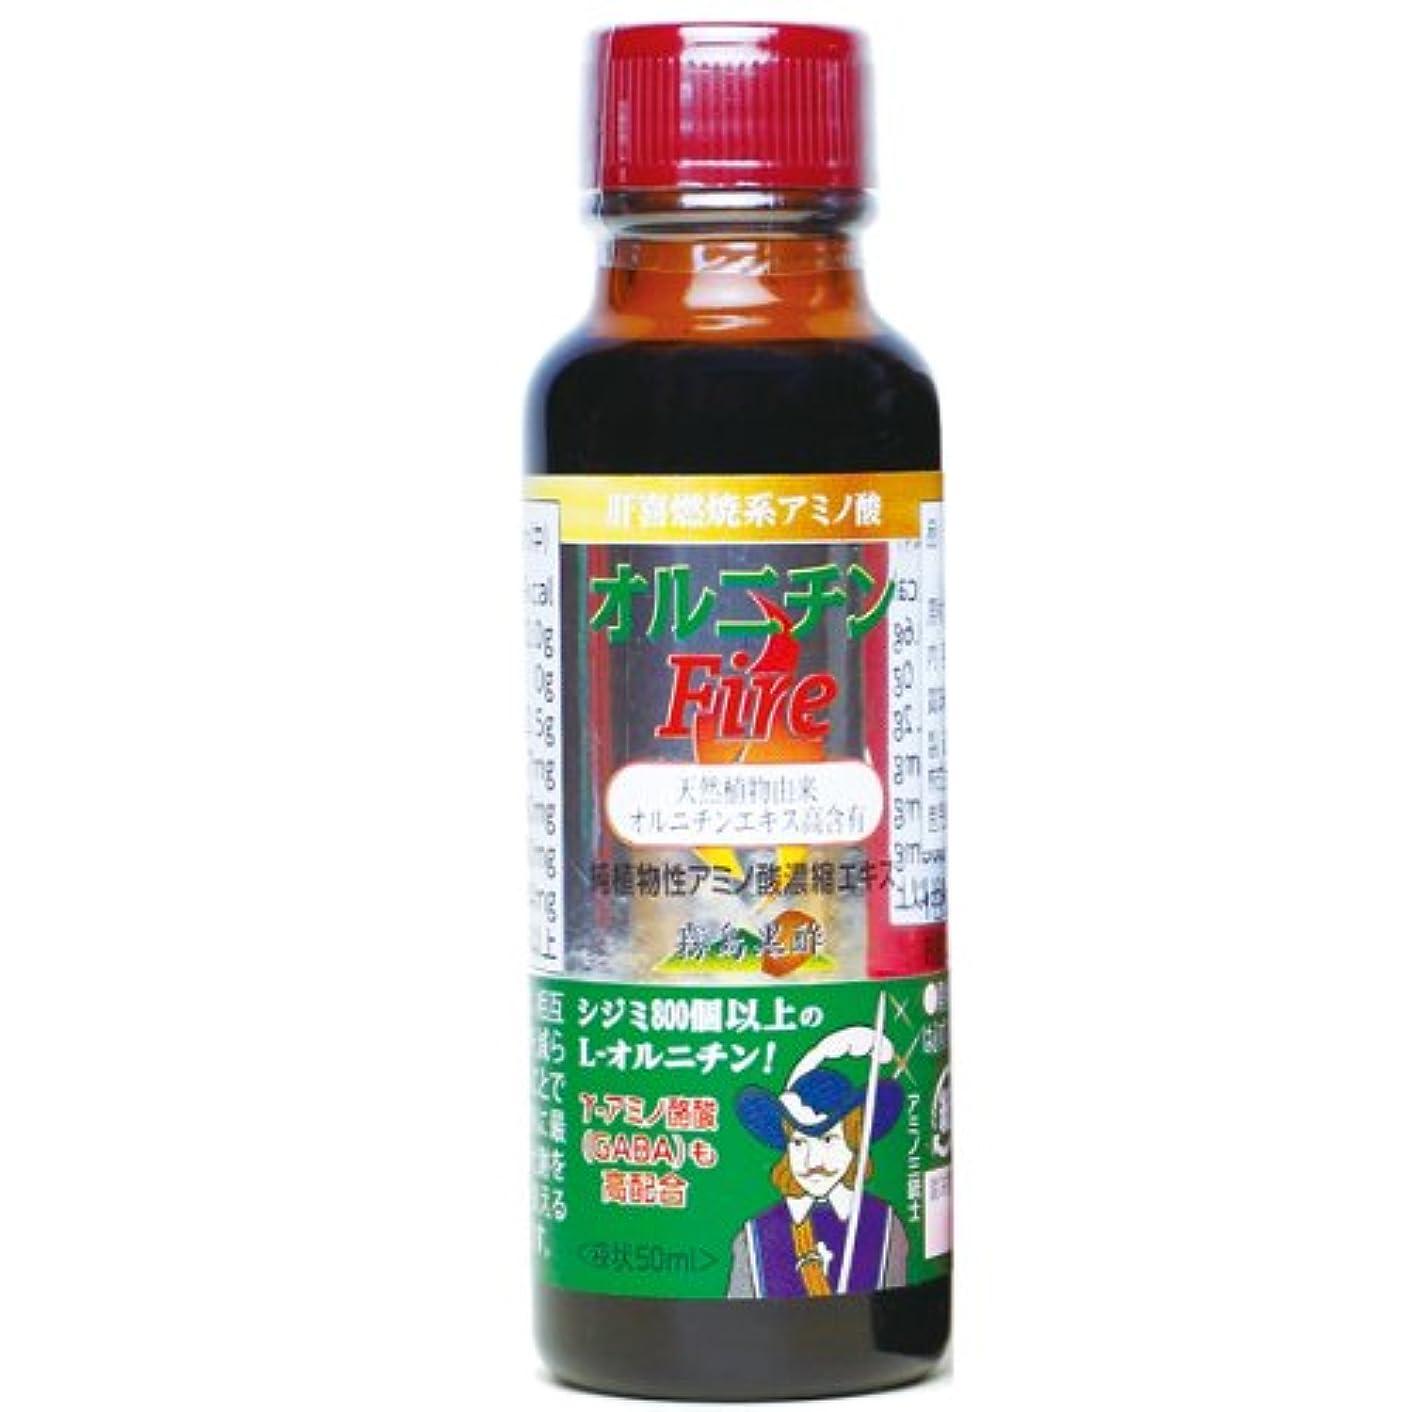 提供プロフェッショナルトリム霧島黒酢 オルニチンFire 50ml